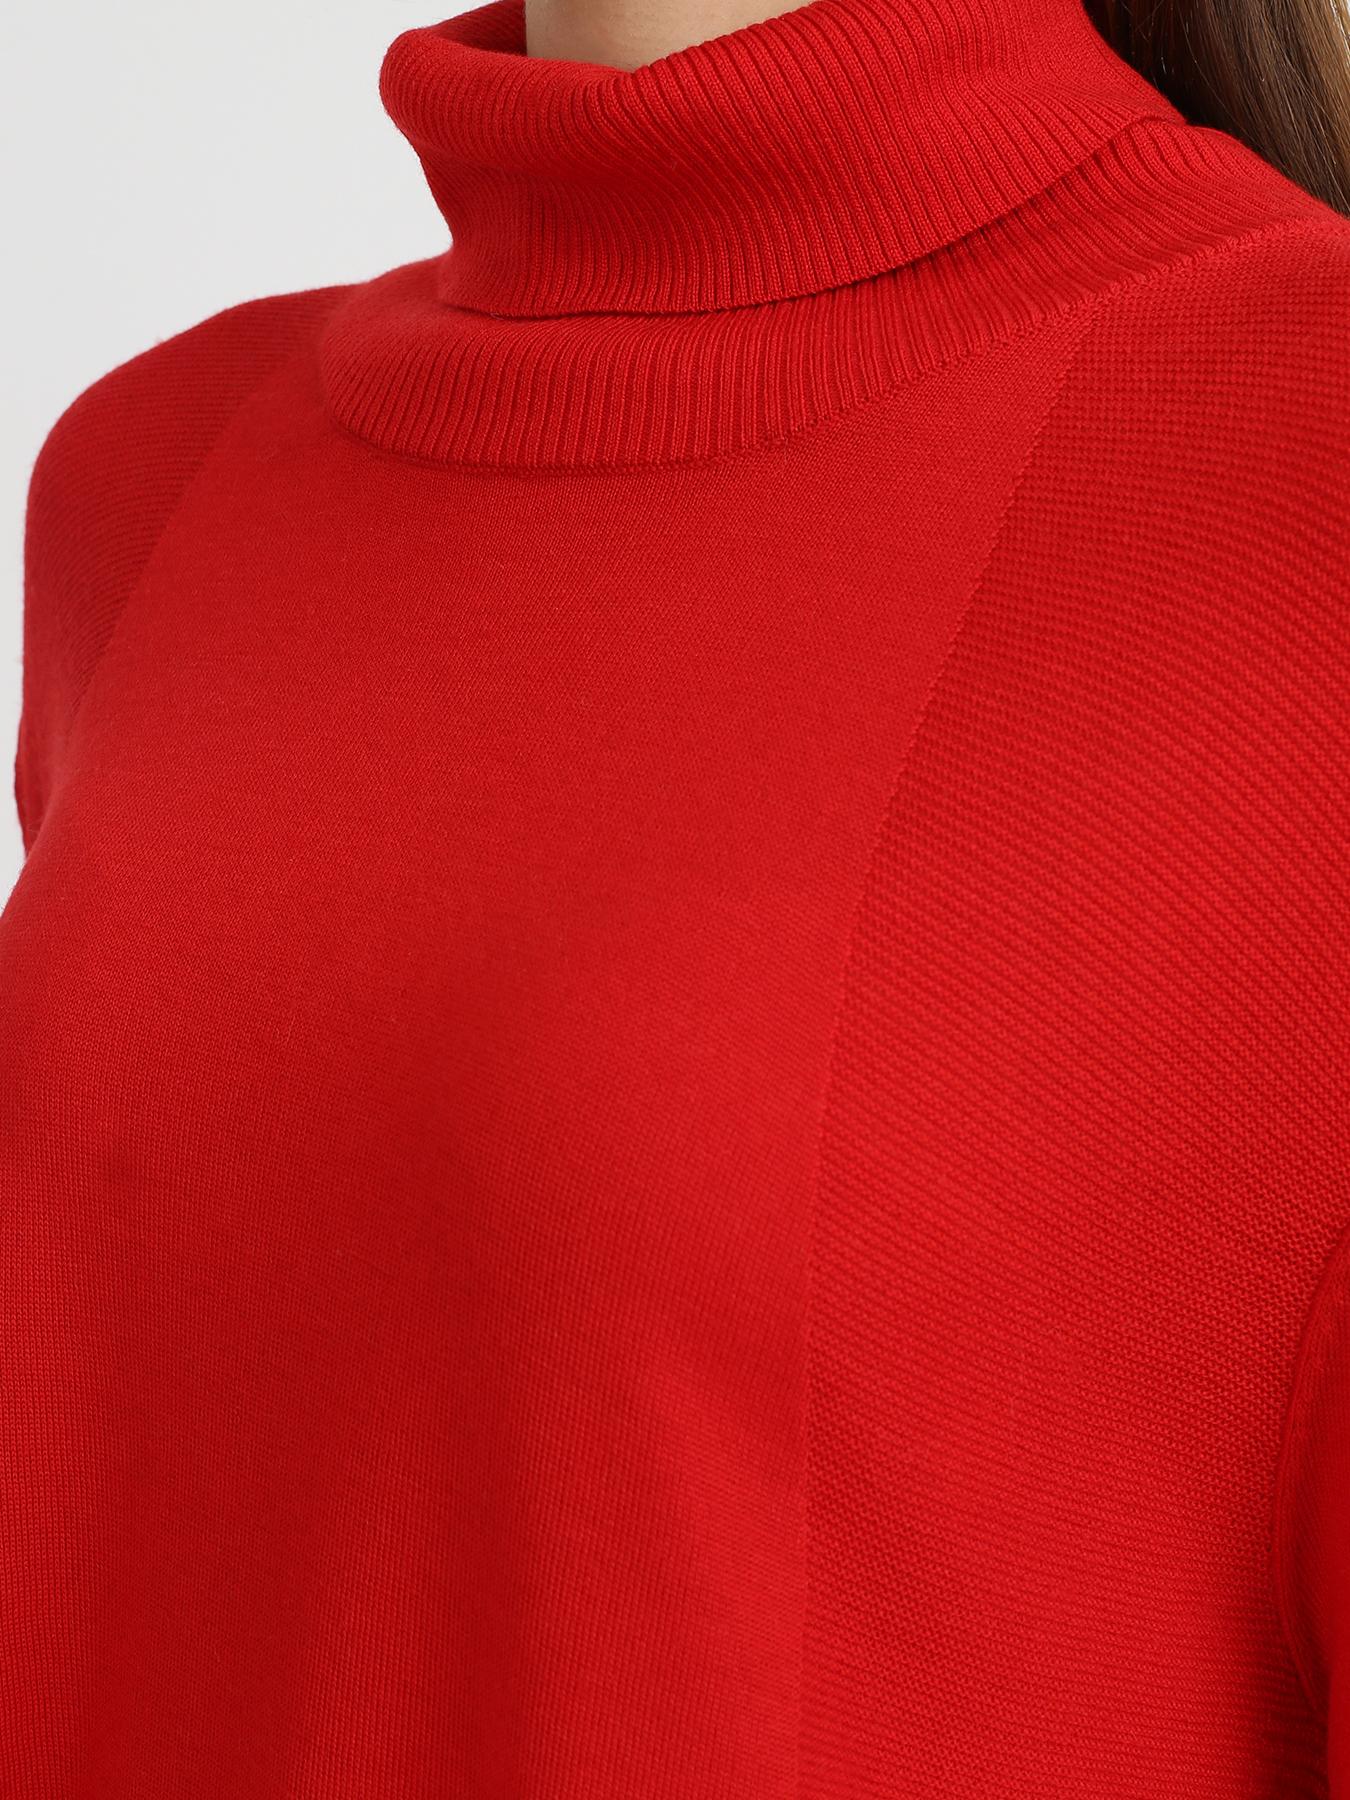 Woolrich Удлиненный свитер 326334-043 Фото 4